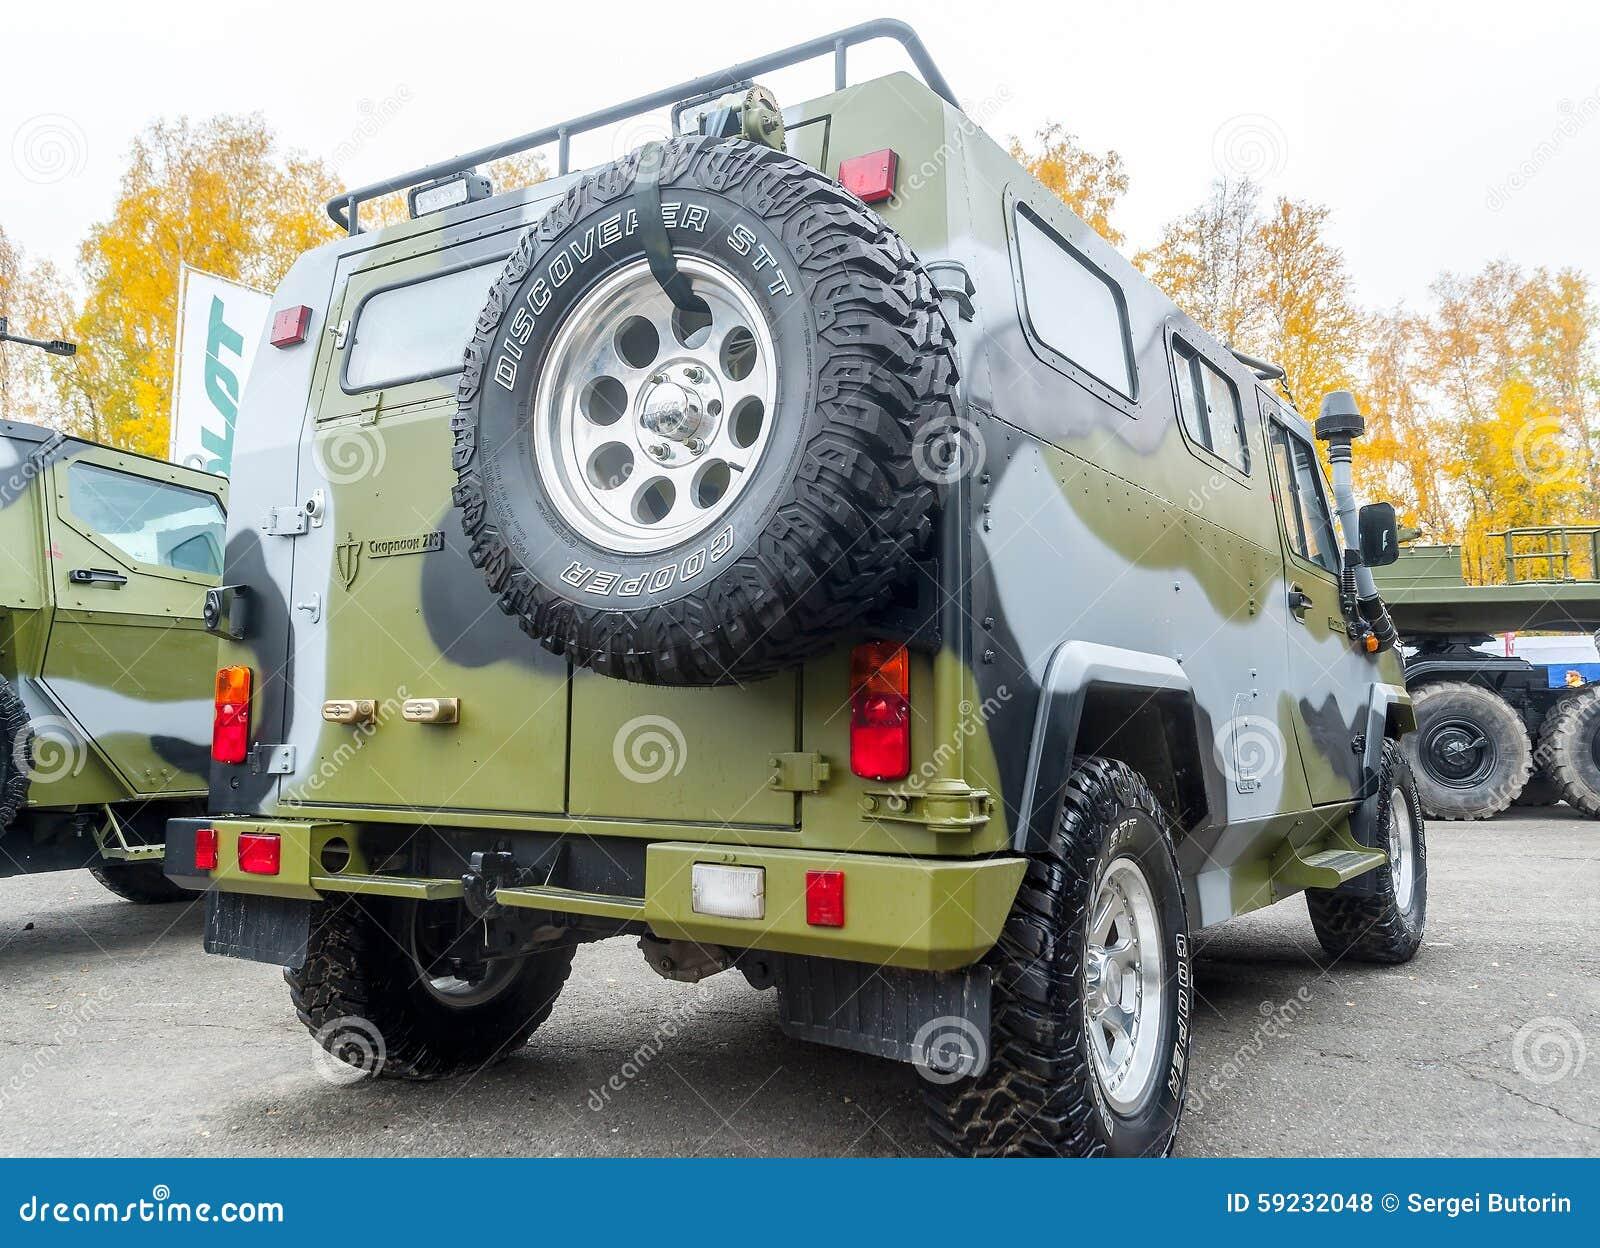 Vehículo blindado del tigre-m VPK-233115 Visión trasera